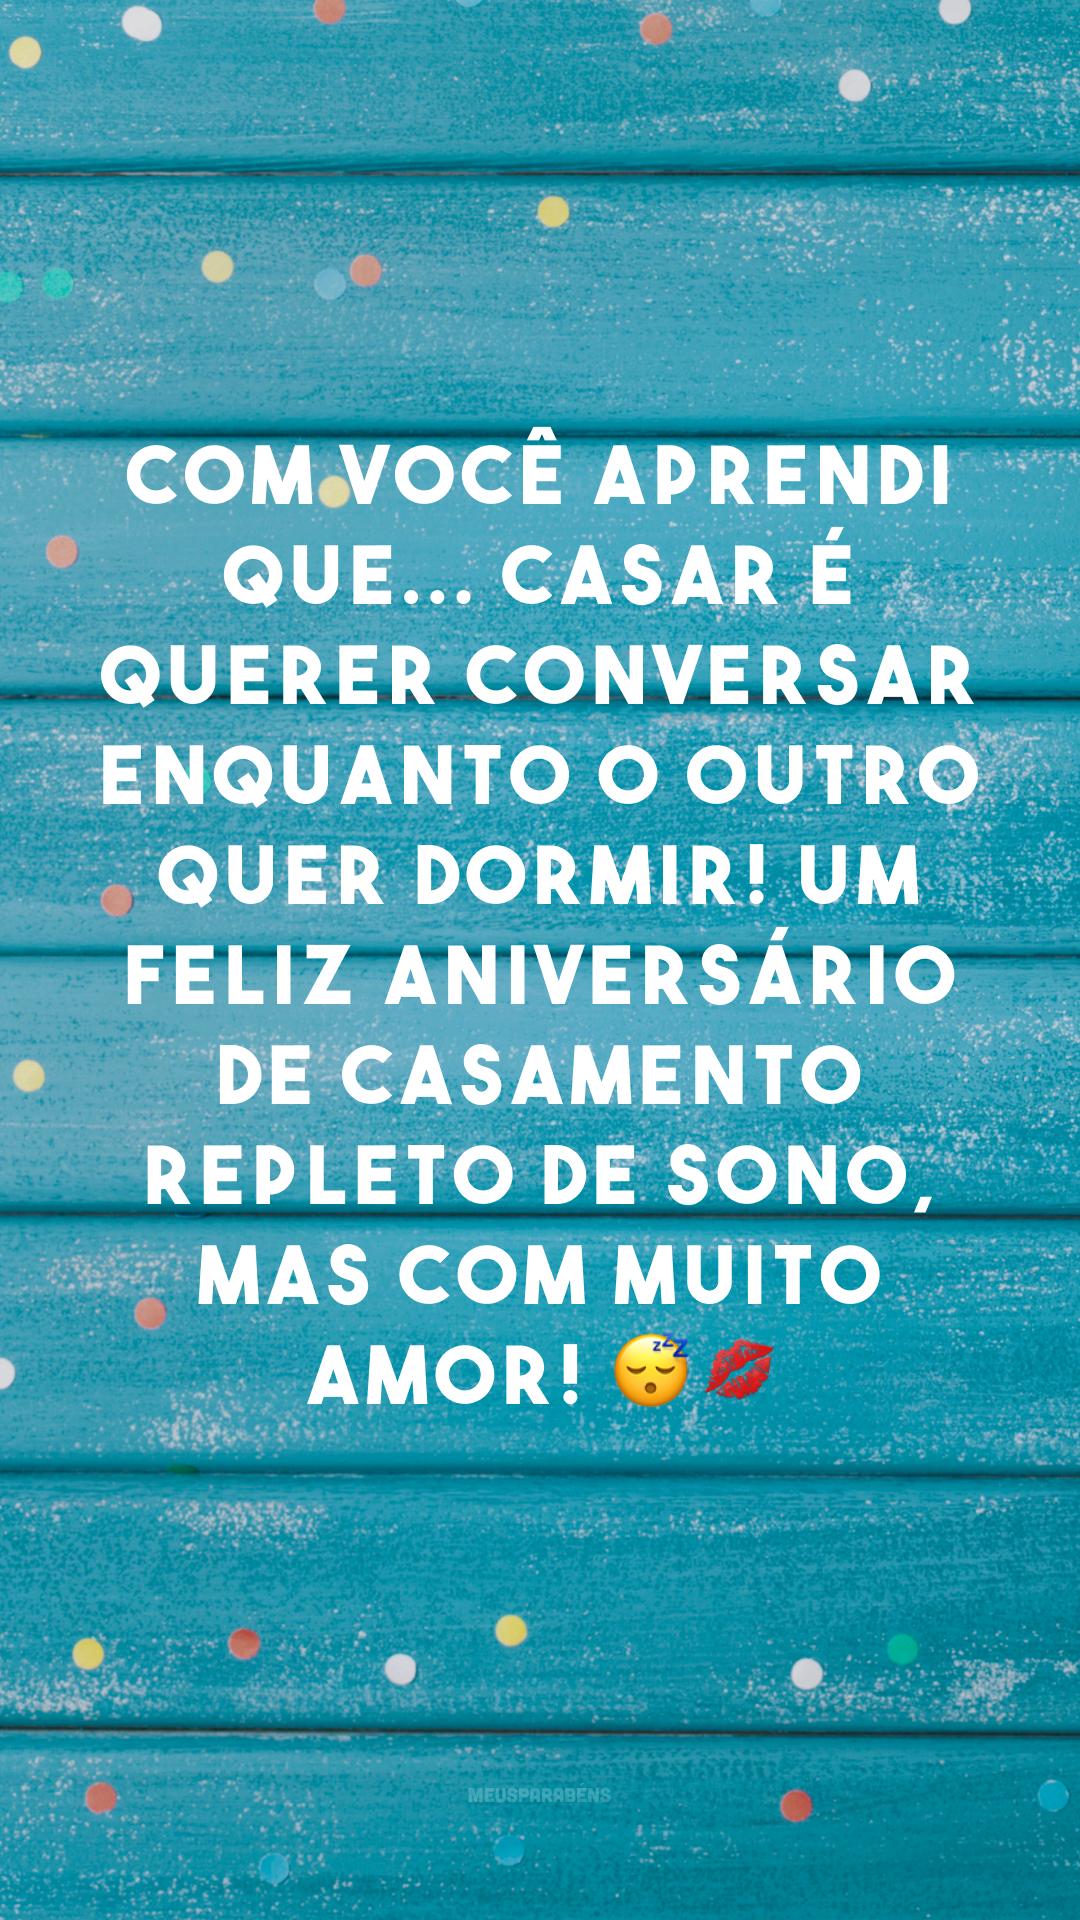 Com você aprendi que... casar é querer conversar enquanto o outro quer dormir! Um feliz aniversário de casamento repleto de sono, mas com muito amor! 😴💋